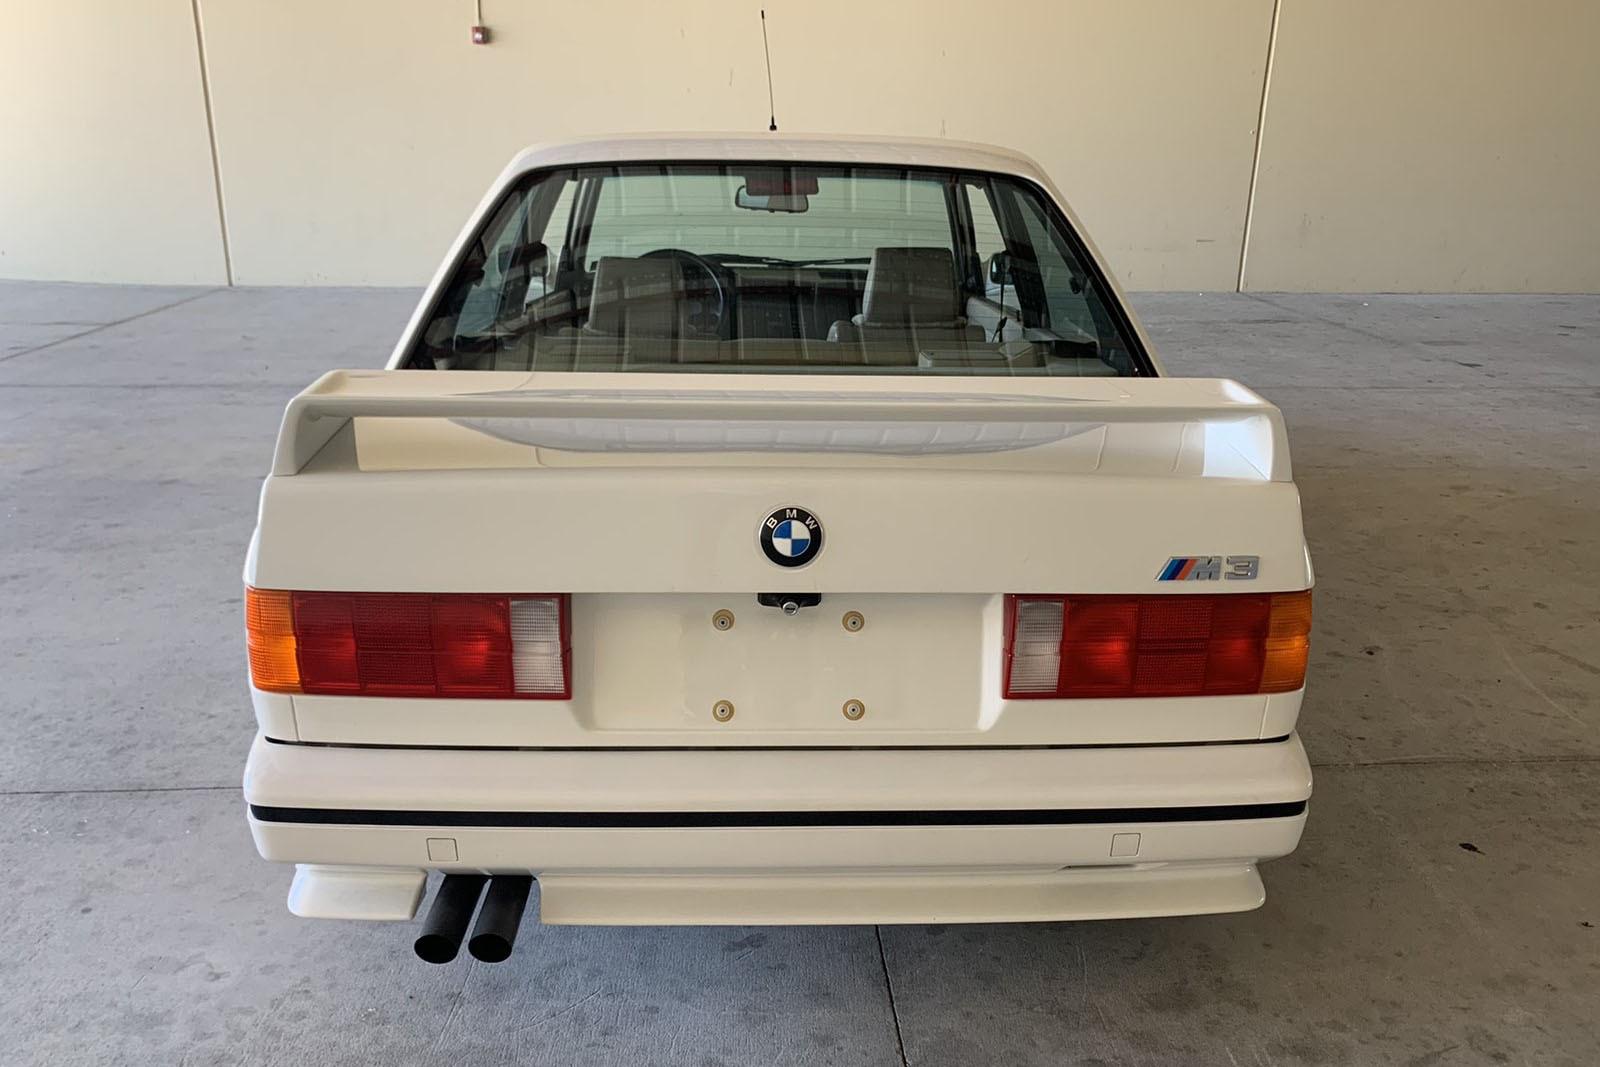 Paul Walker 1988 M3 rear